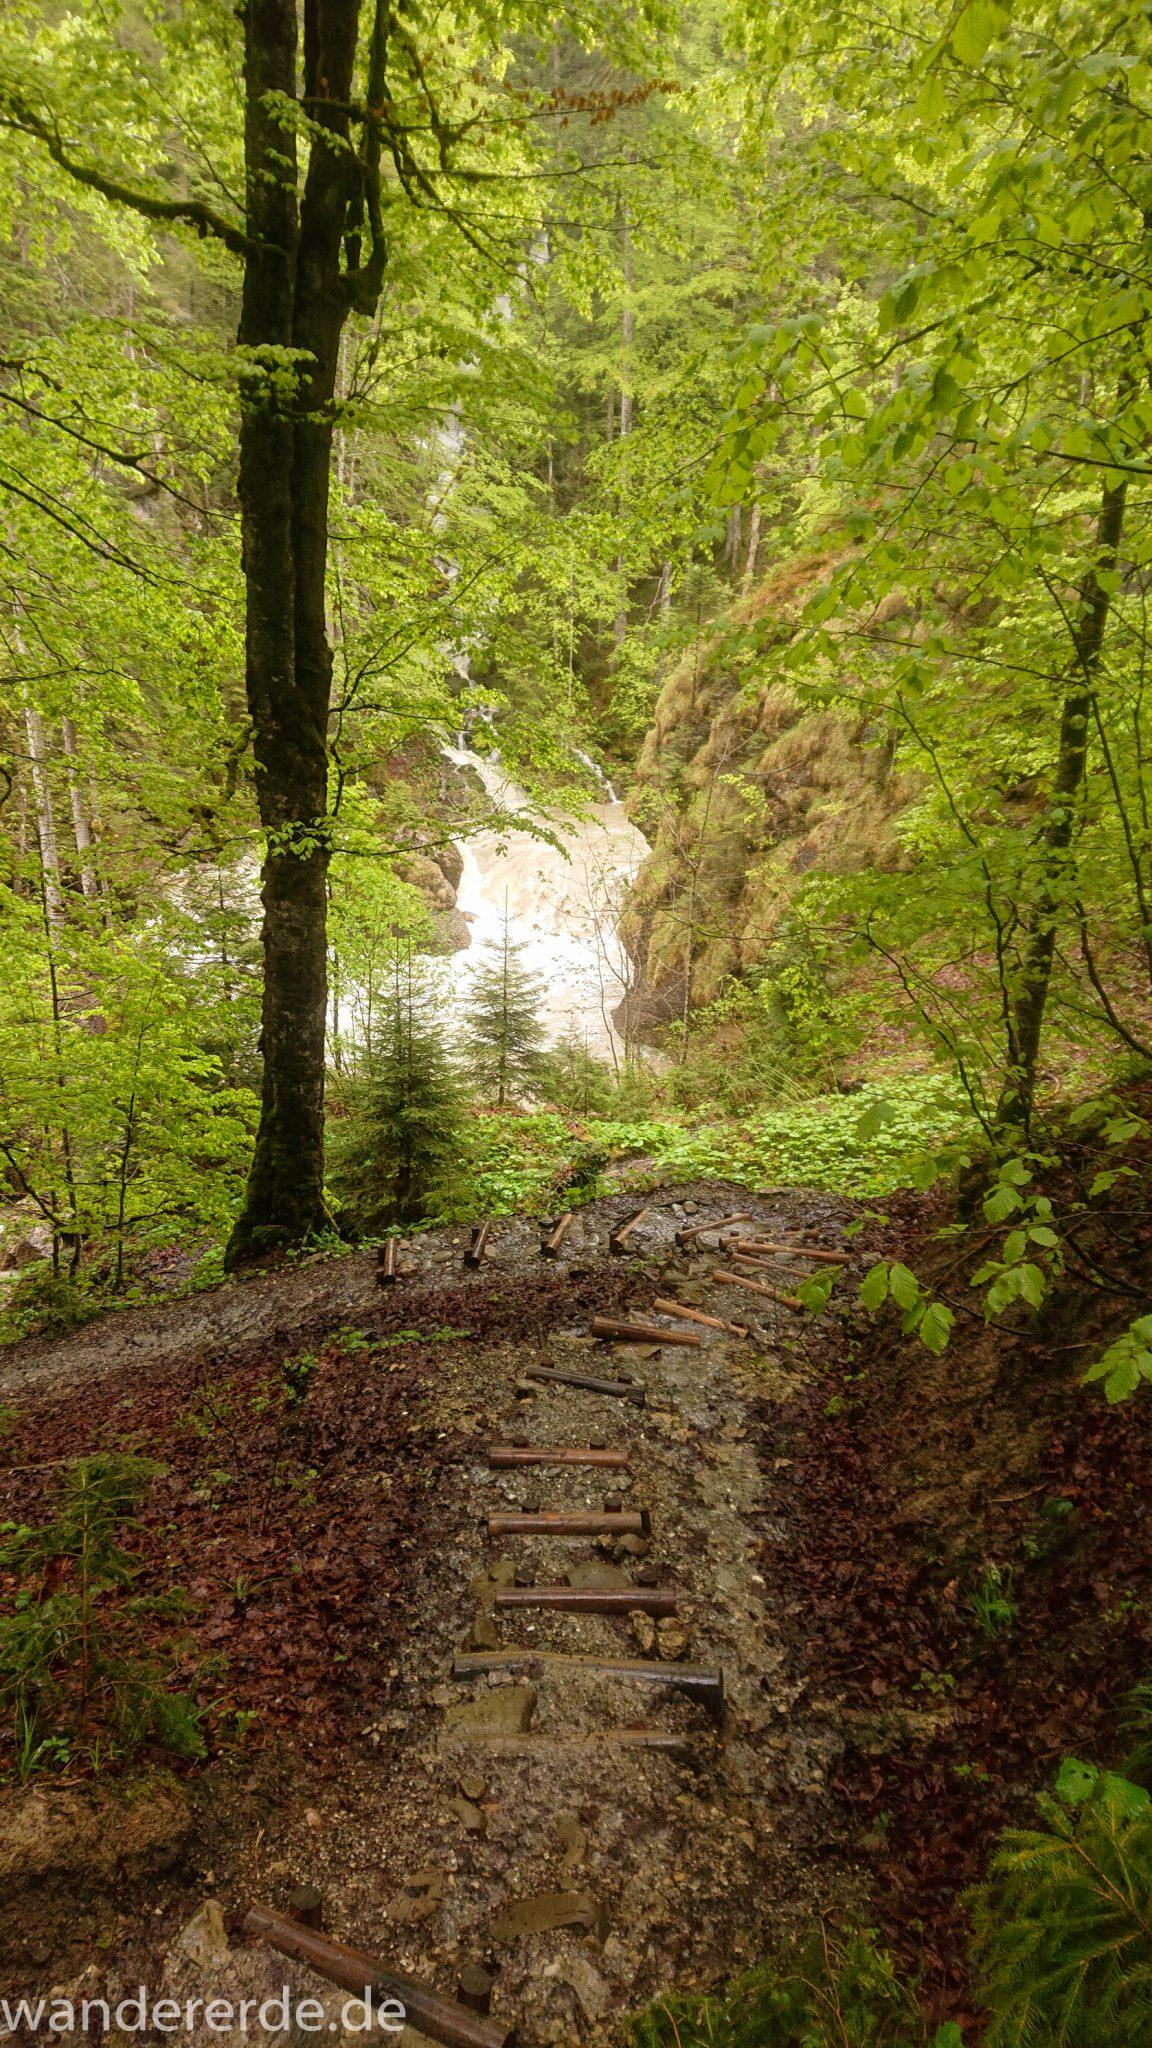 Wanderung Tobelweg ab Gunzesried im Allgäu, Ostertal Tobelweg ab Wanderparkplatz Gunzesrieder Säge wandern, abwechslungsreicher schmaler Pfad zum Ostertal, reißender Fluss nach starken Regenfällen, Fluss tritt beinahe über das Ufer, umgeben von Felsen und schönem, dichtem Mischwald, Treppe führt hinab zum Fluss